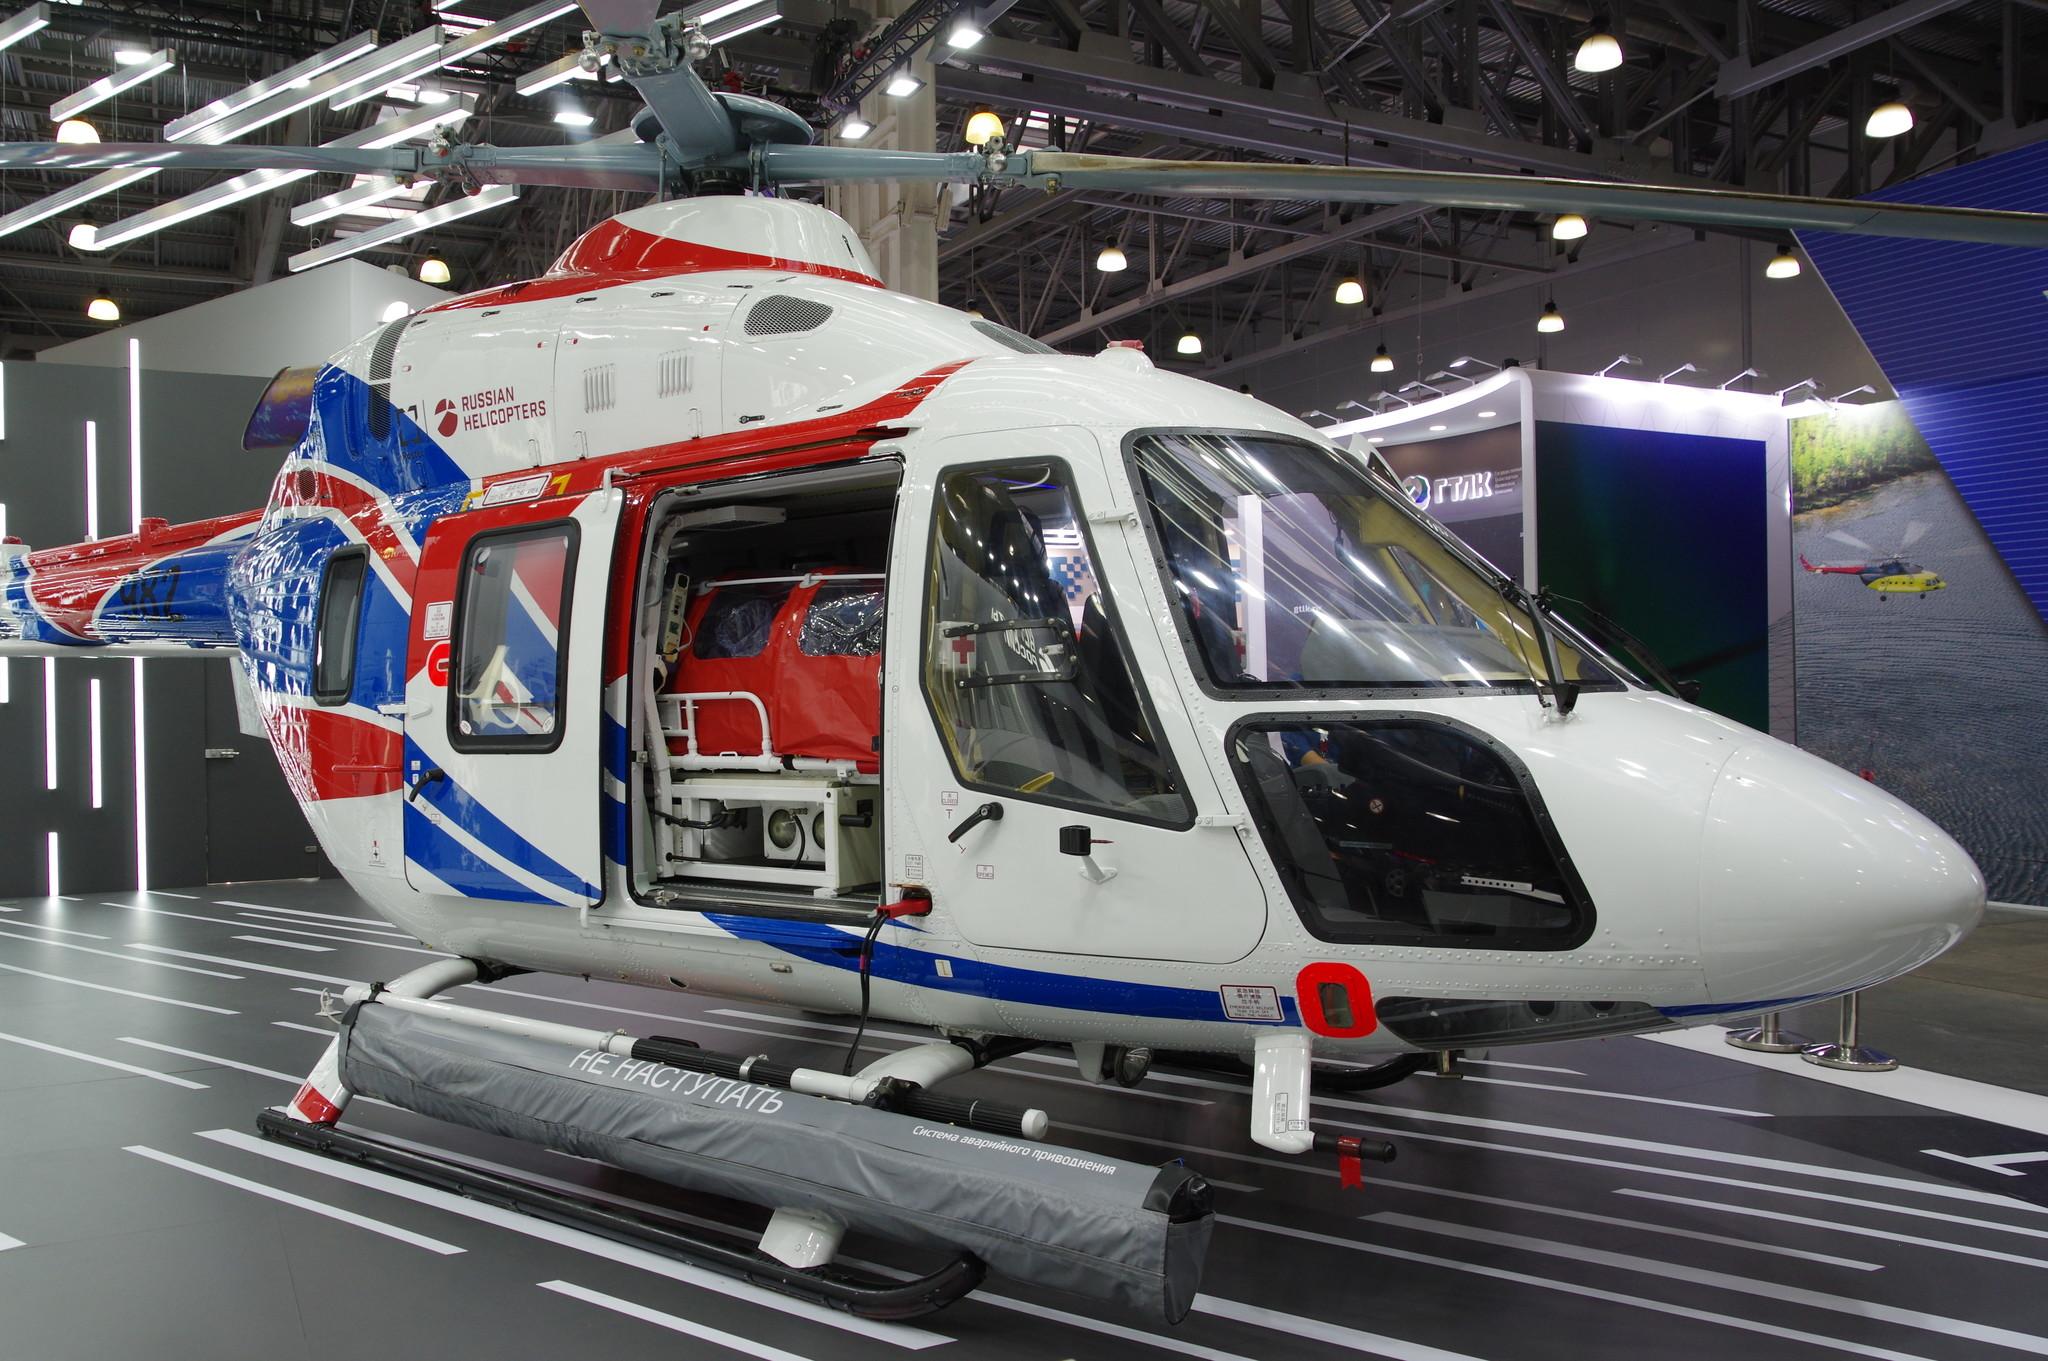 Многоцелевой вертолёт «Ансат», оснащённый внутренним топливным баком и баллонетами